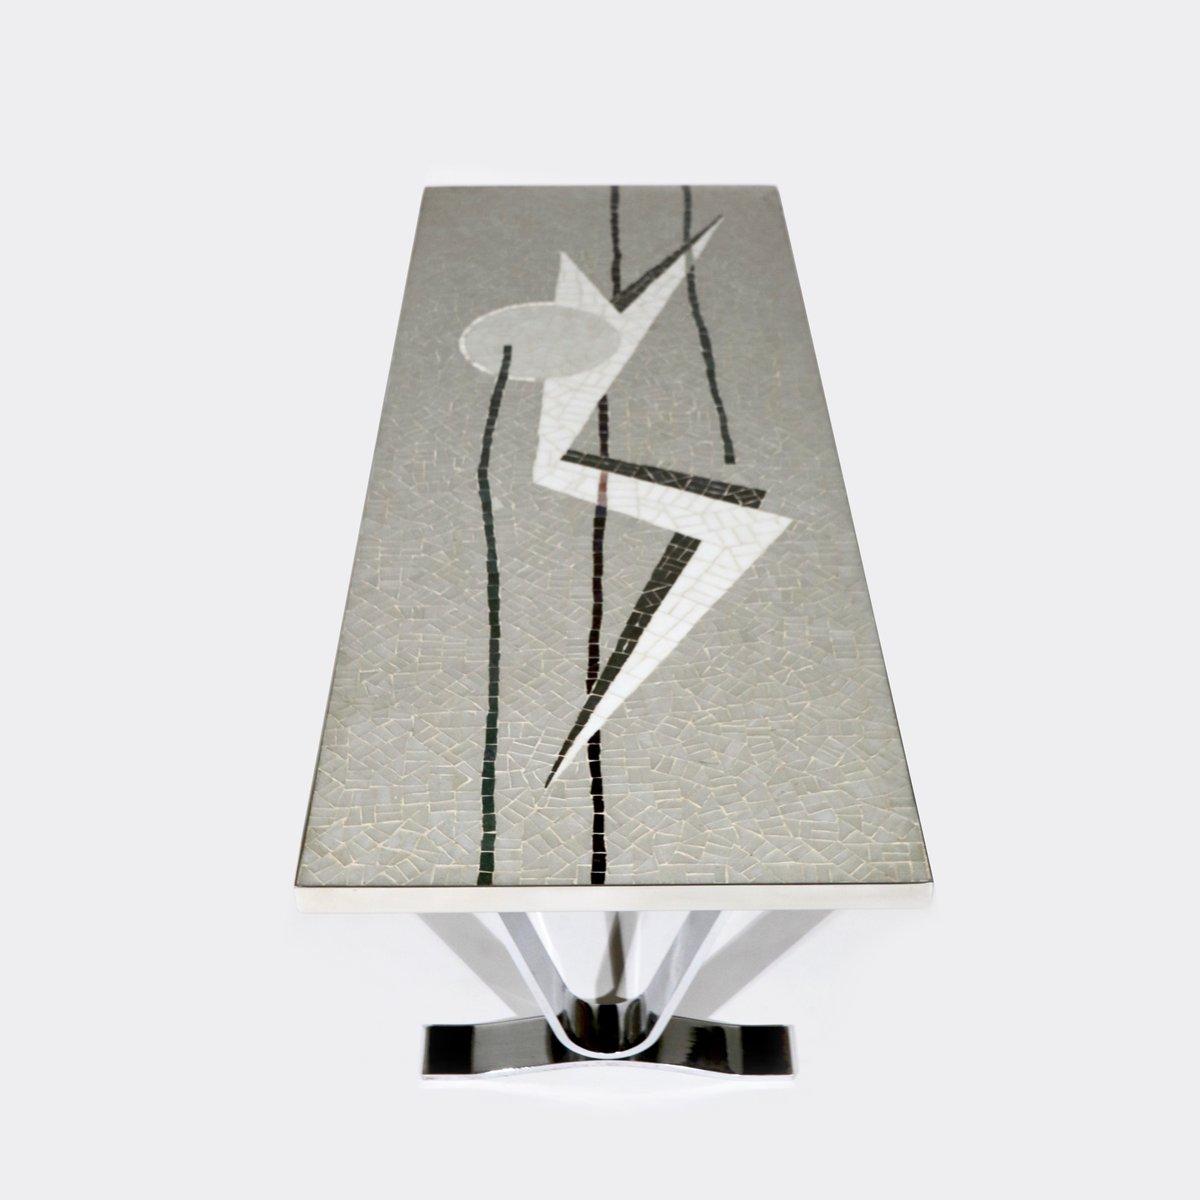 table basse futuriste avec mosa que allemagne 1960s en vente sur pamono. Black Bedroom Furniture Sets. Home Design Ideas